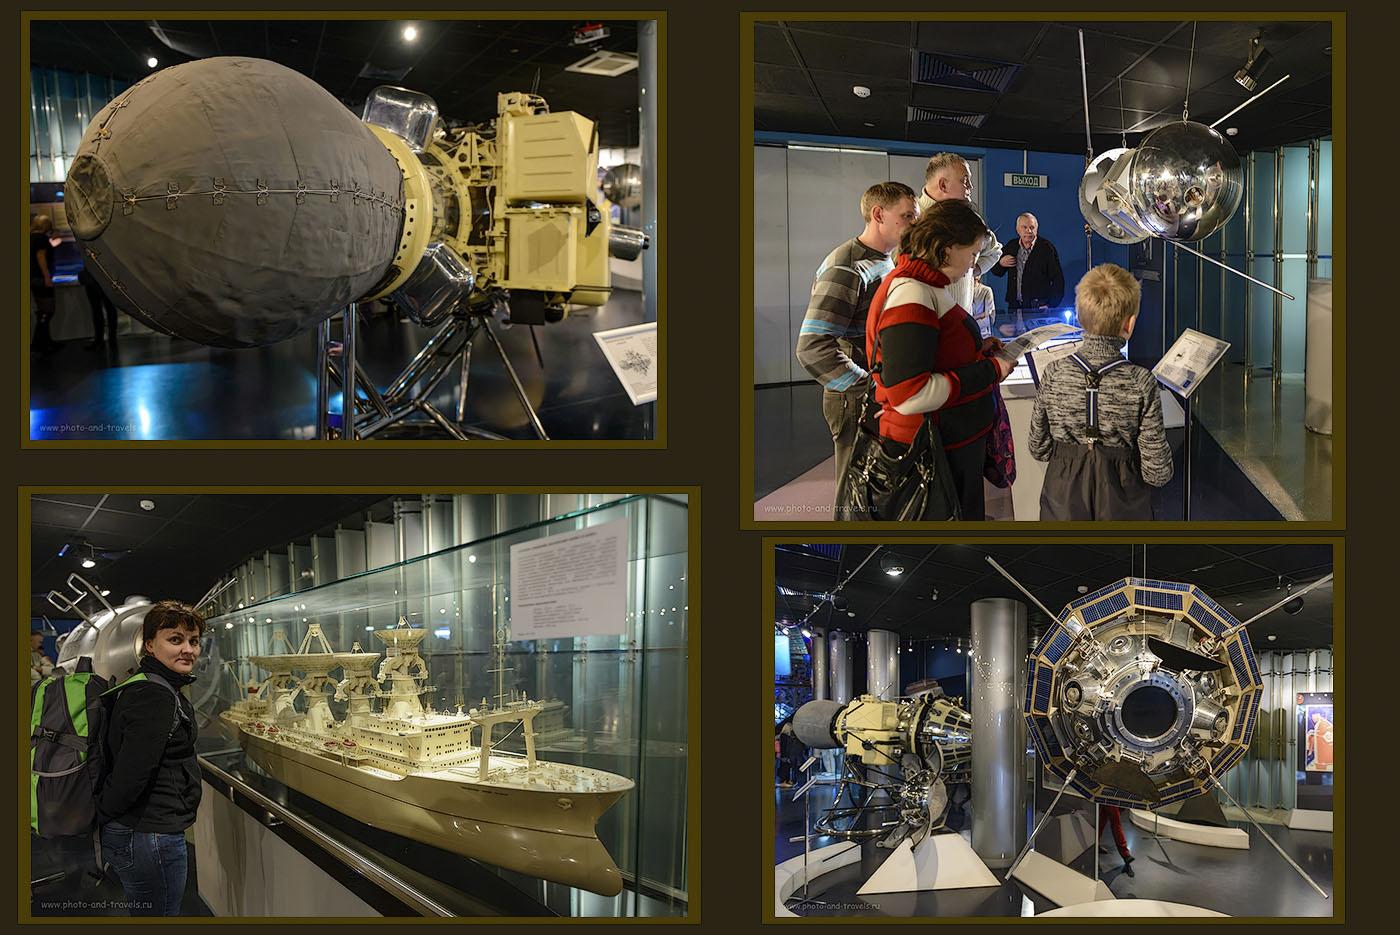 Фотография 5. Отзыв об экскурсии в Мемориальный музей космонавтики во время пересадки в Москве.